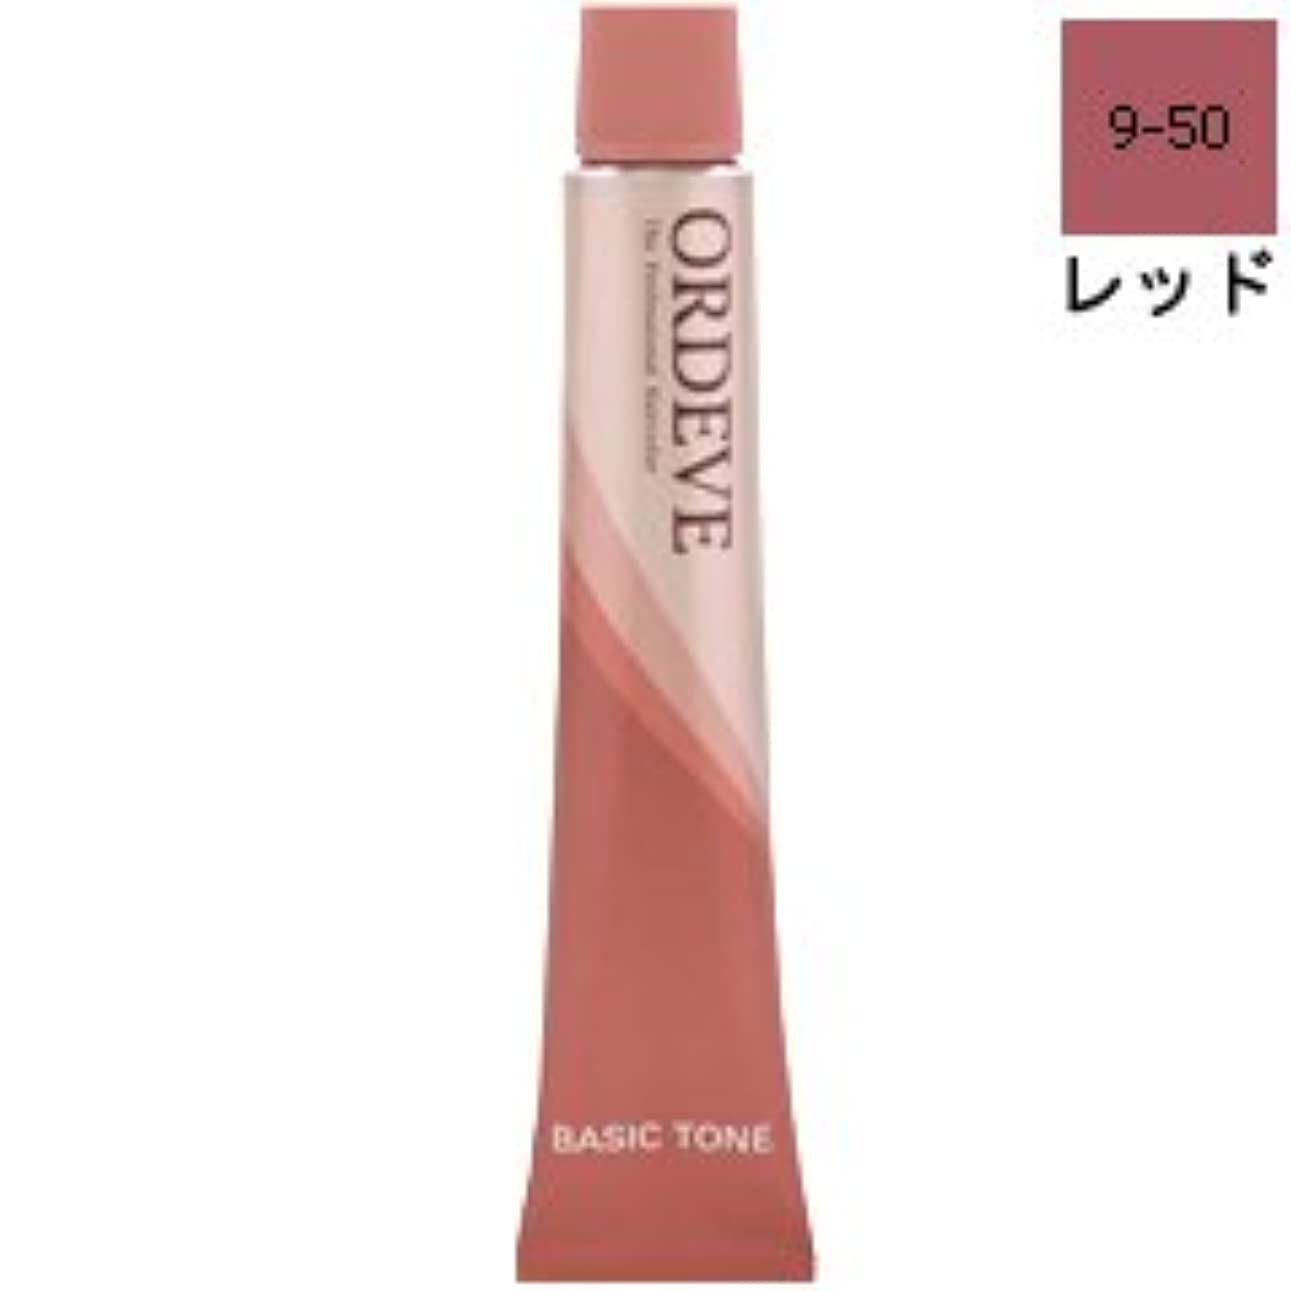 略奪レギュラーマージ【ミルボン】オルディーブ ベーシックトーン #09-50 レッド 80g